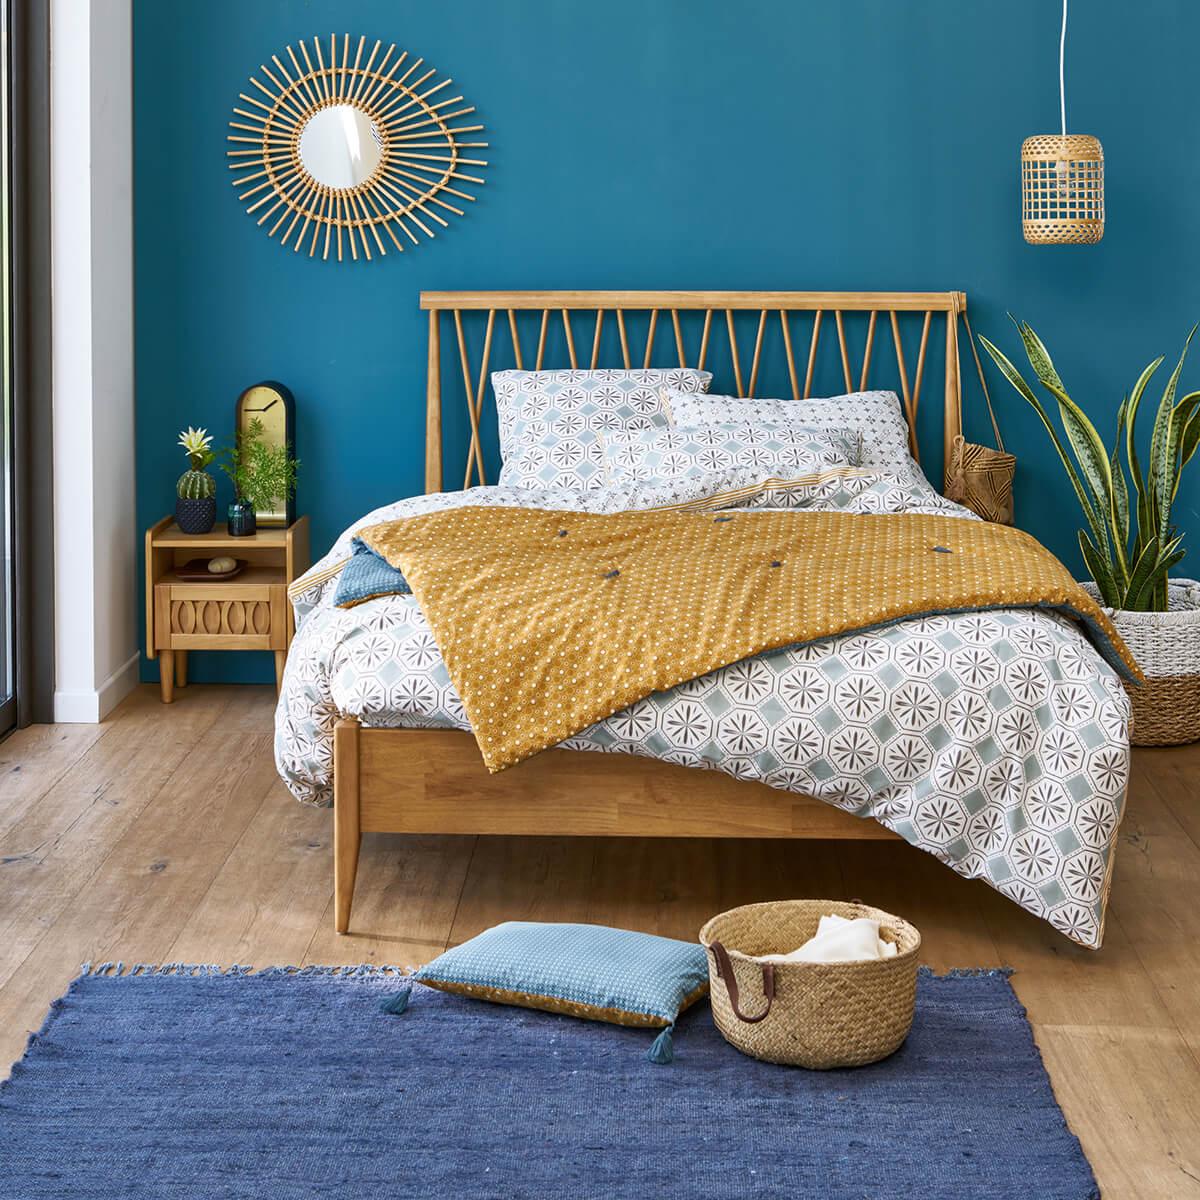 Idee Chambre Bleu Canard Et Jaune - Novocom.top